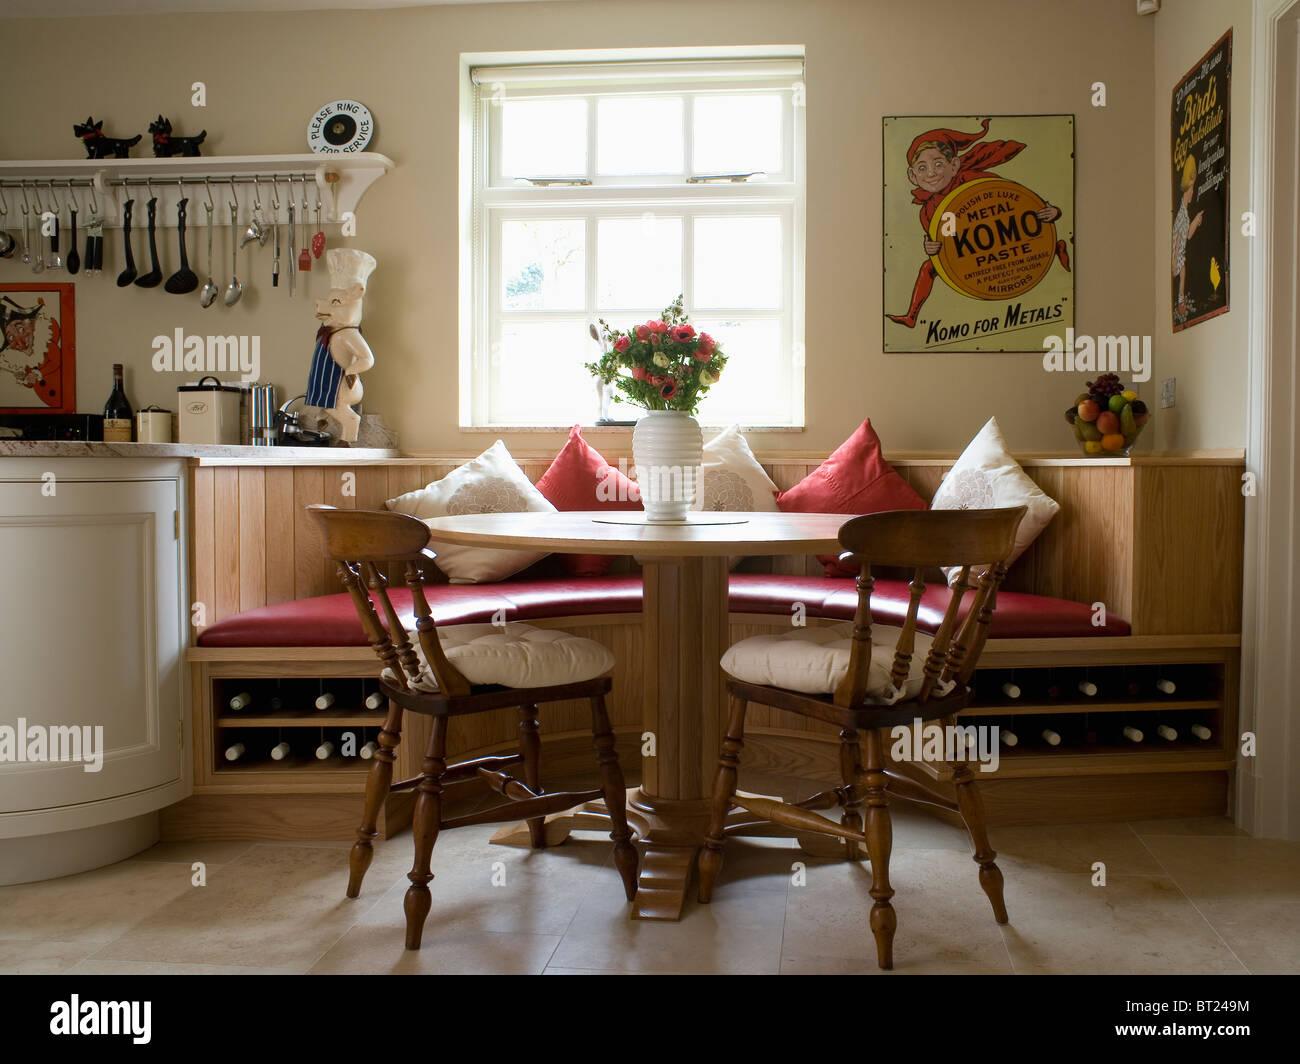 Hochwertig Runder Tisch Und Alte Holzstühle In Küche Esszimmer Mit Sitzgelegenheiten  Ausgestattete Bankett